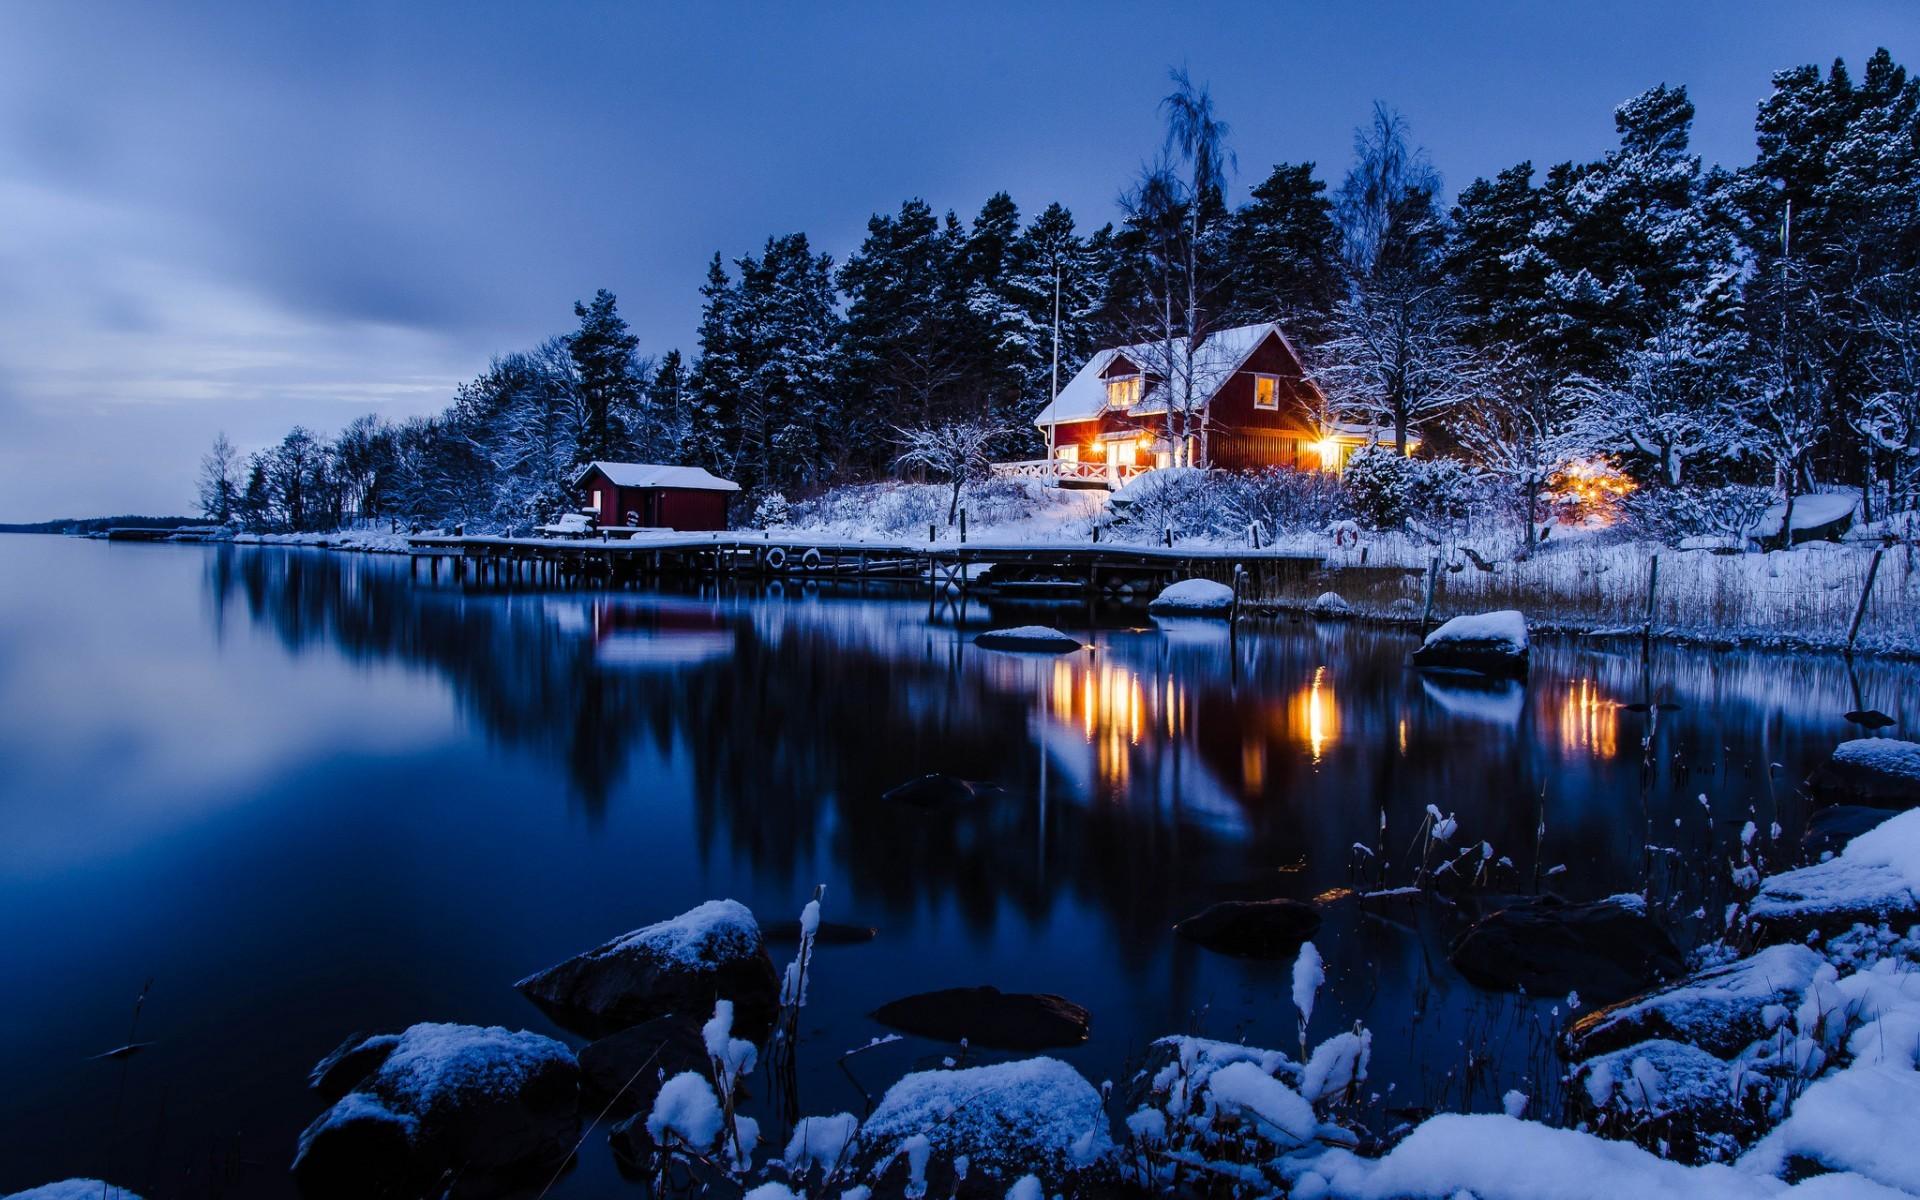 20719 Заставки и Обои Озера на телефон. Скачать Пейзаж, Зима, Дома, Снег, Озера картинки бесплатно